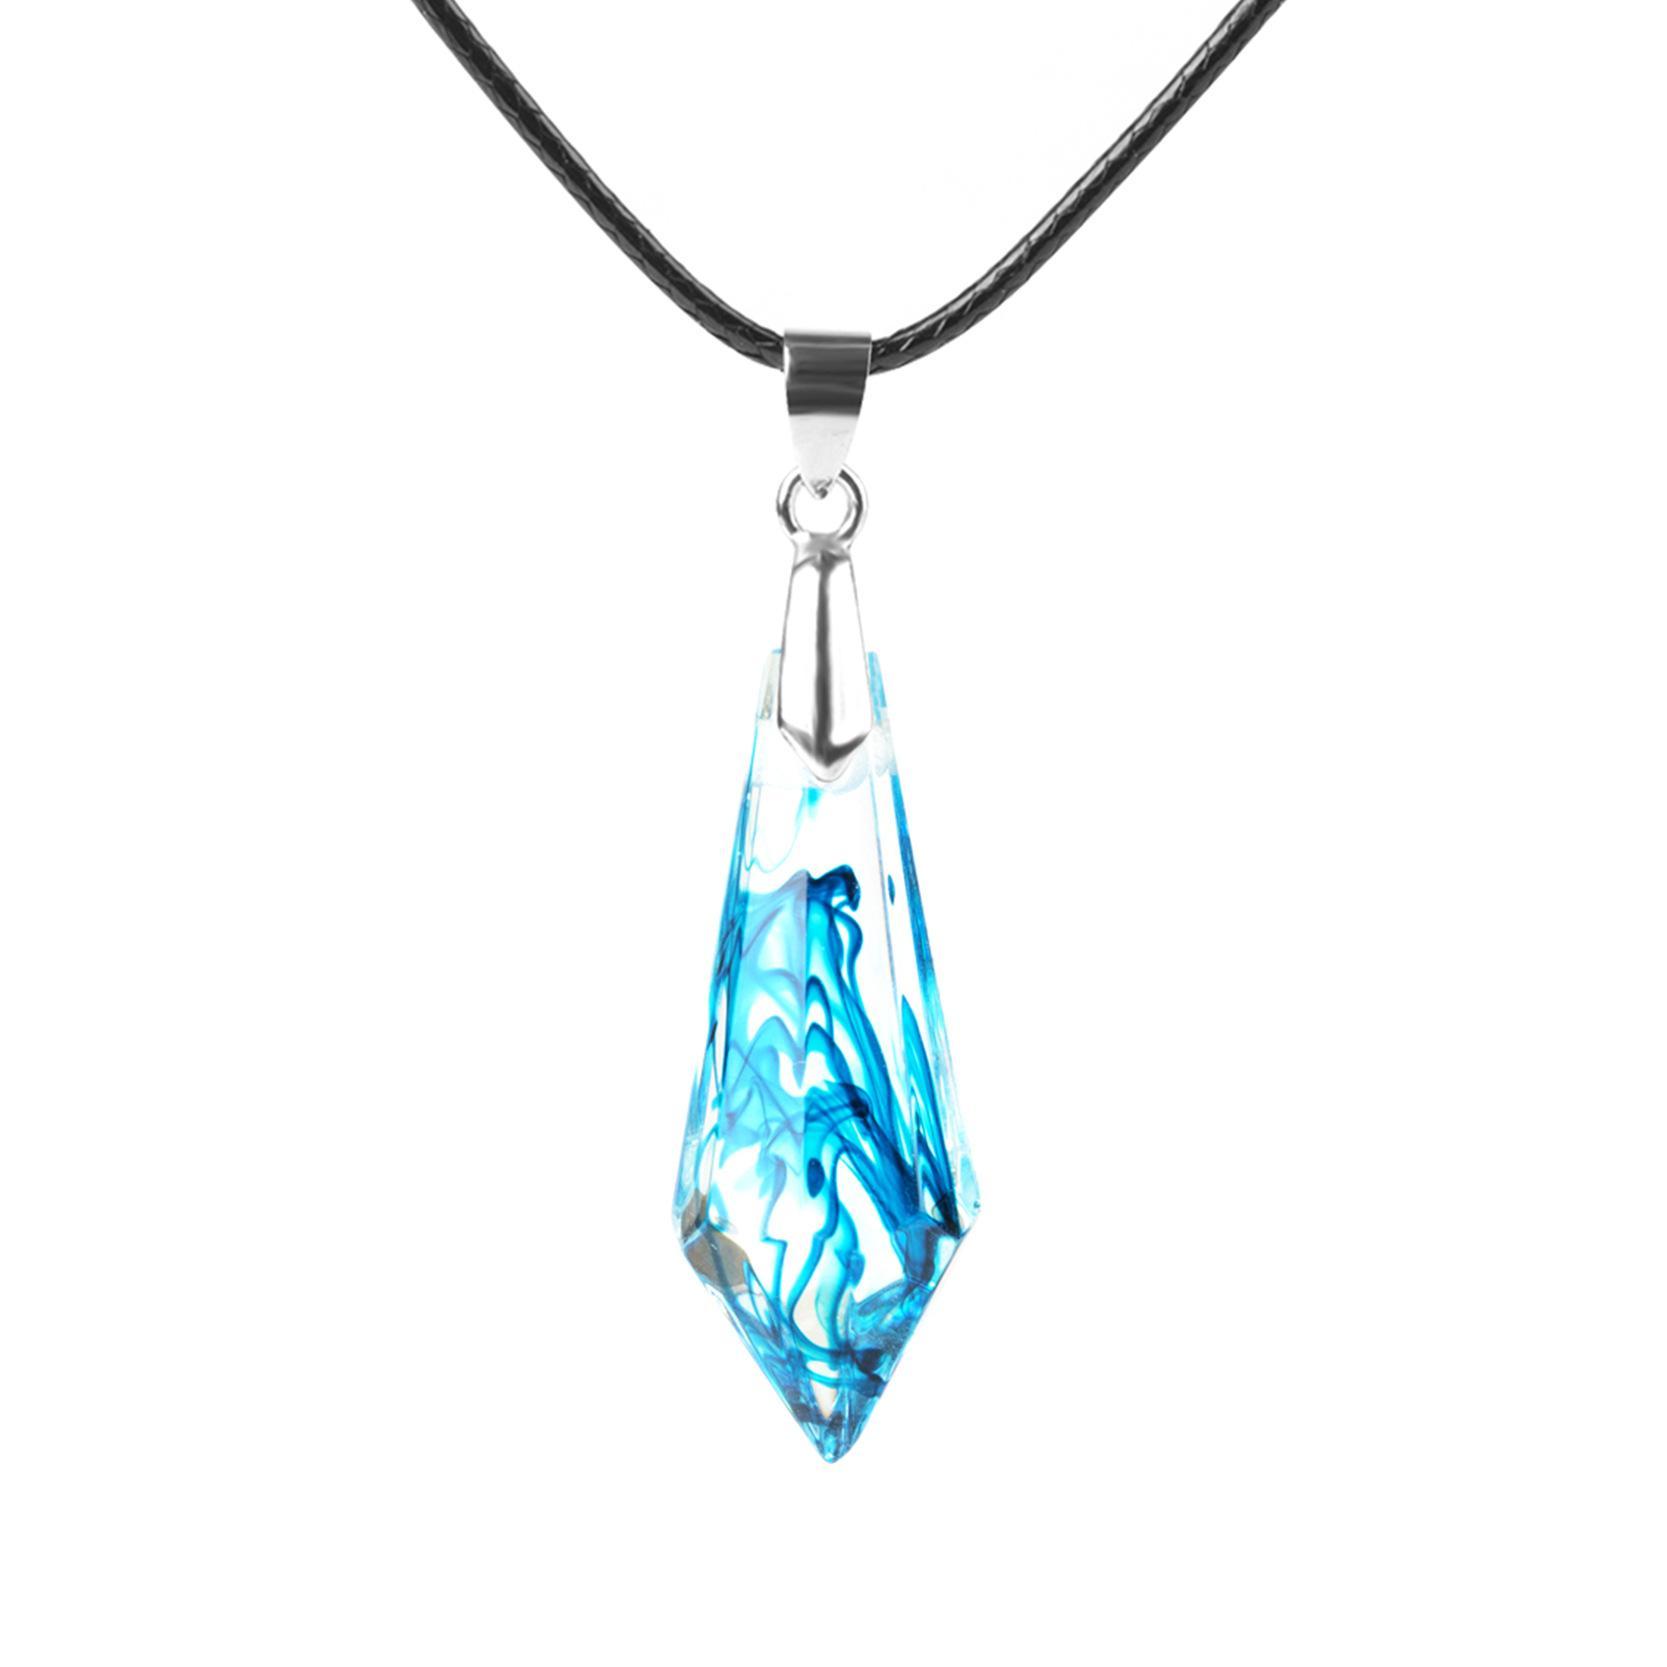 Charm donne fragili incanta il reale naturale fatto a mano in resina geometrico il pendente della collana di bellezza Dichiarazione corda catena epossidica gioielli ps1201